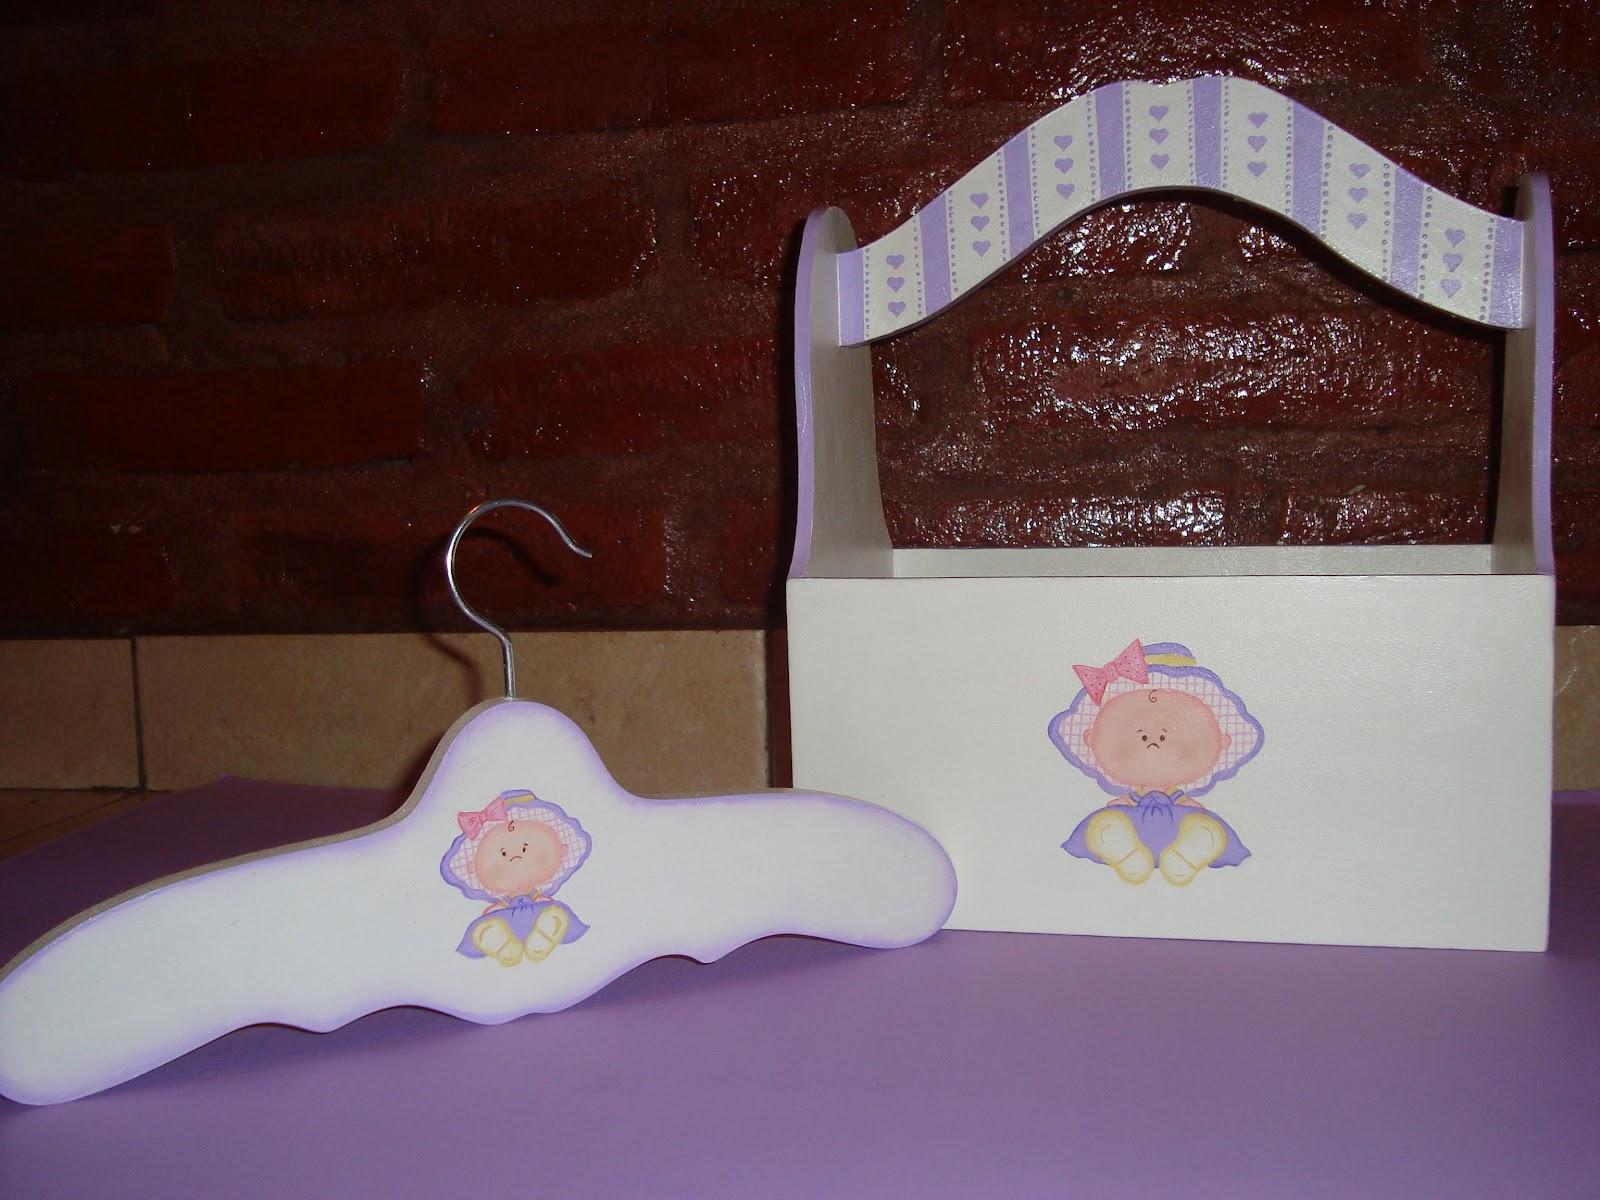 Mis artesanias del alma set para bebes - Perchas para bebes ...